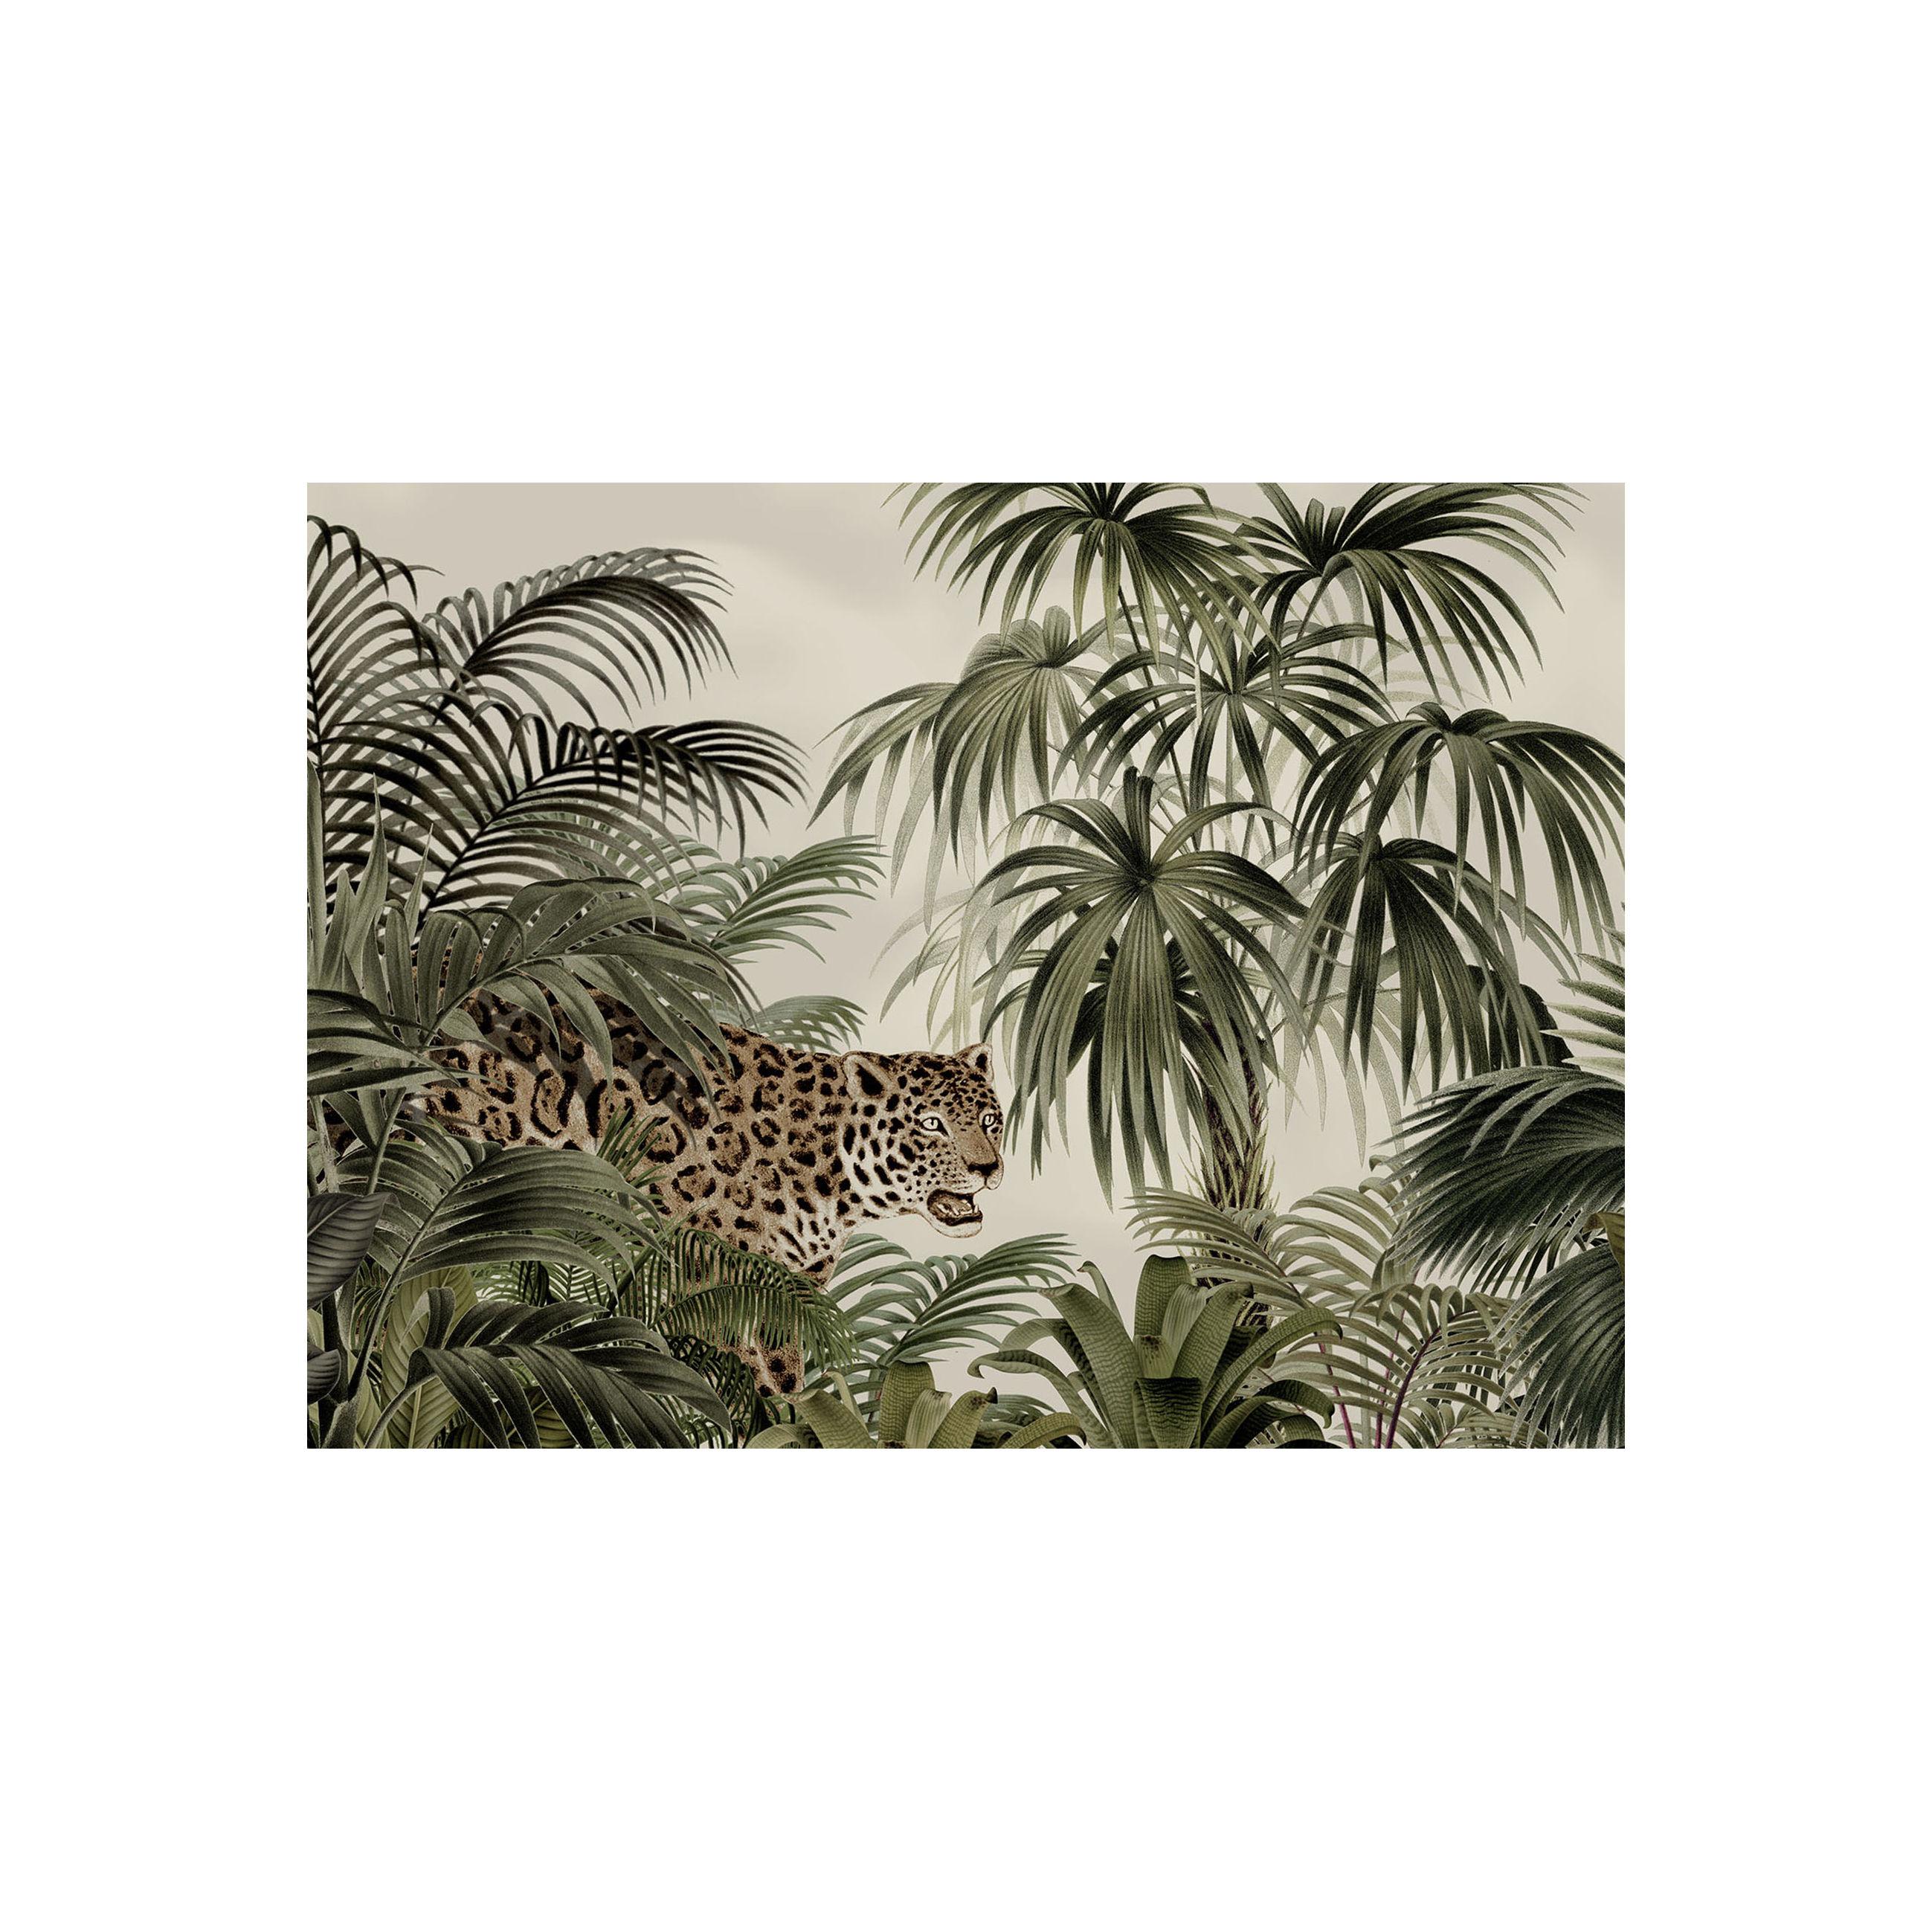 Tischkultur - Tischdecken und -servietten - Tresors Tisch-Set / Vinyl - Beaumont - Leopard / Grün & beige - Vinyl